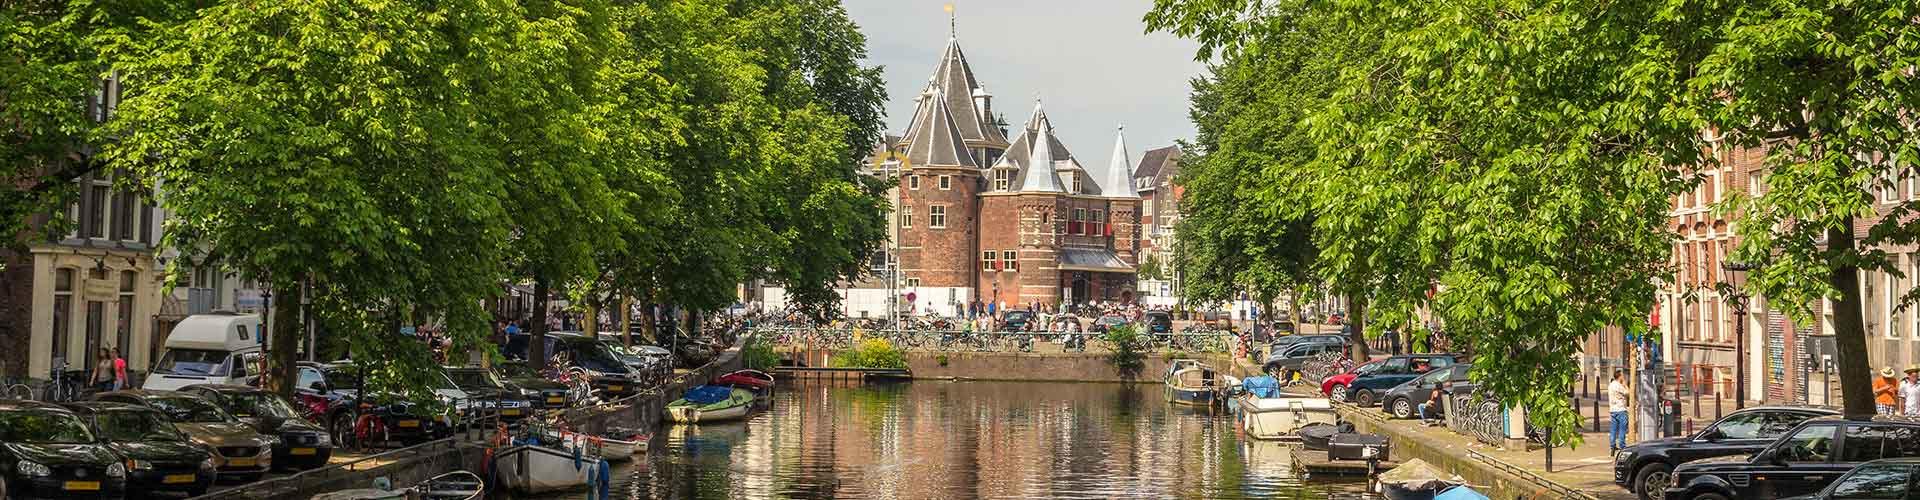 암스테르담 -  웨이하우스  에 가까운 아파트. 암스테르담의 지도, 암스테르담에 위치한 아파트에 대한 사진 및 리뷰.